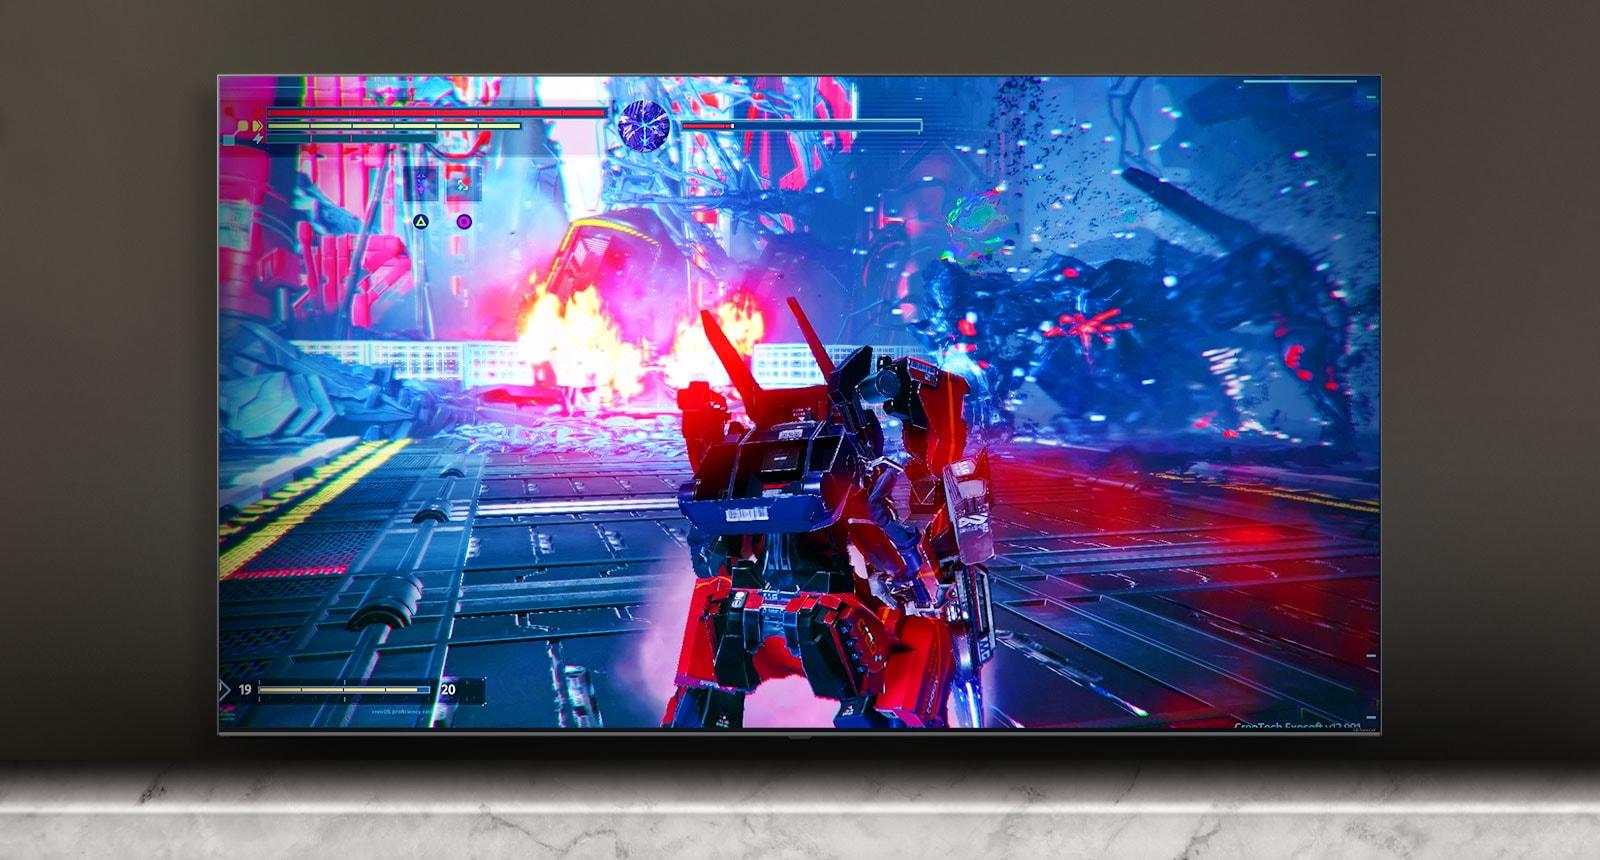 Телевизионен екран, показващ сцена от бойна игра.